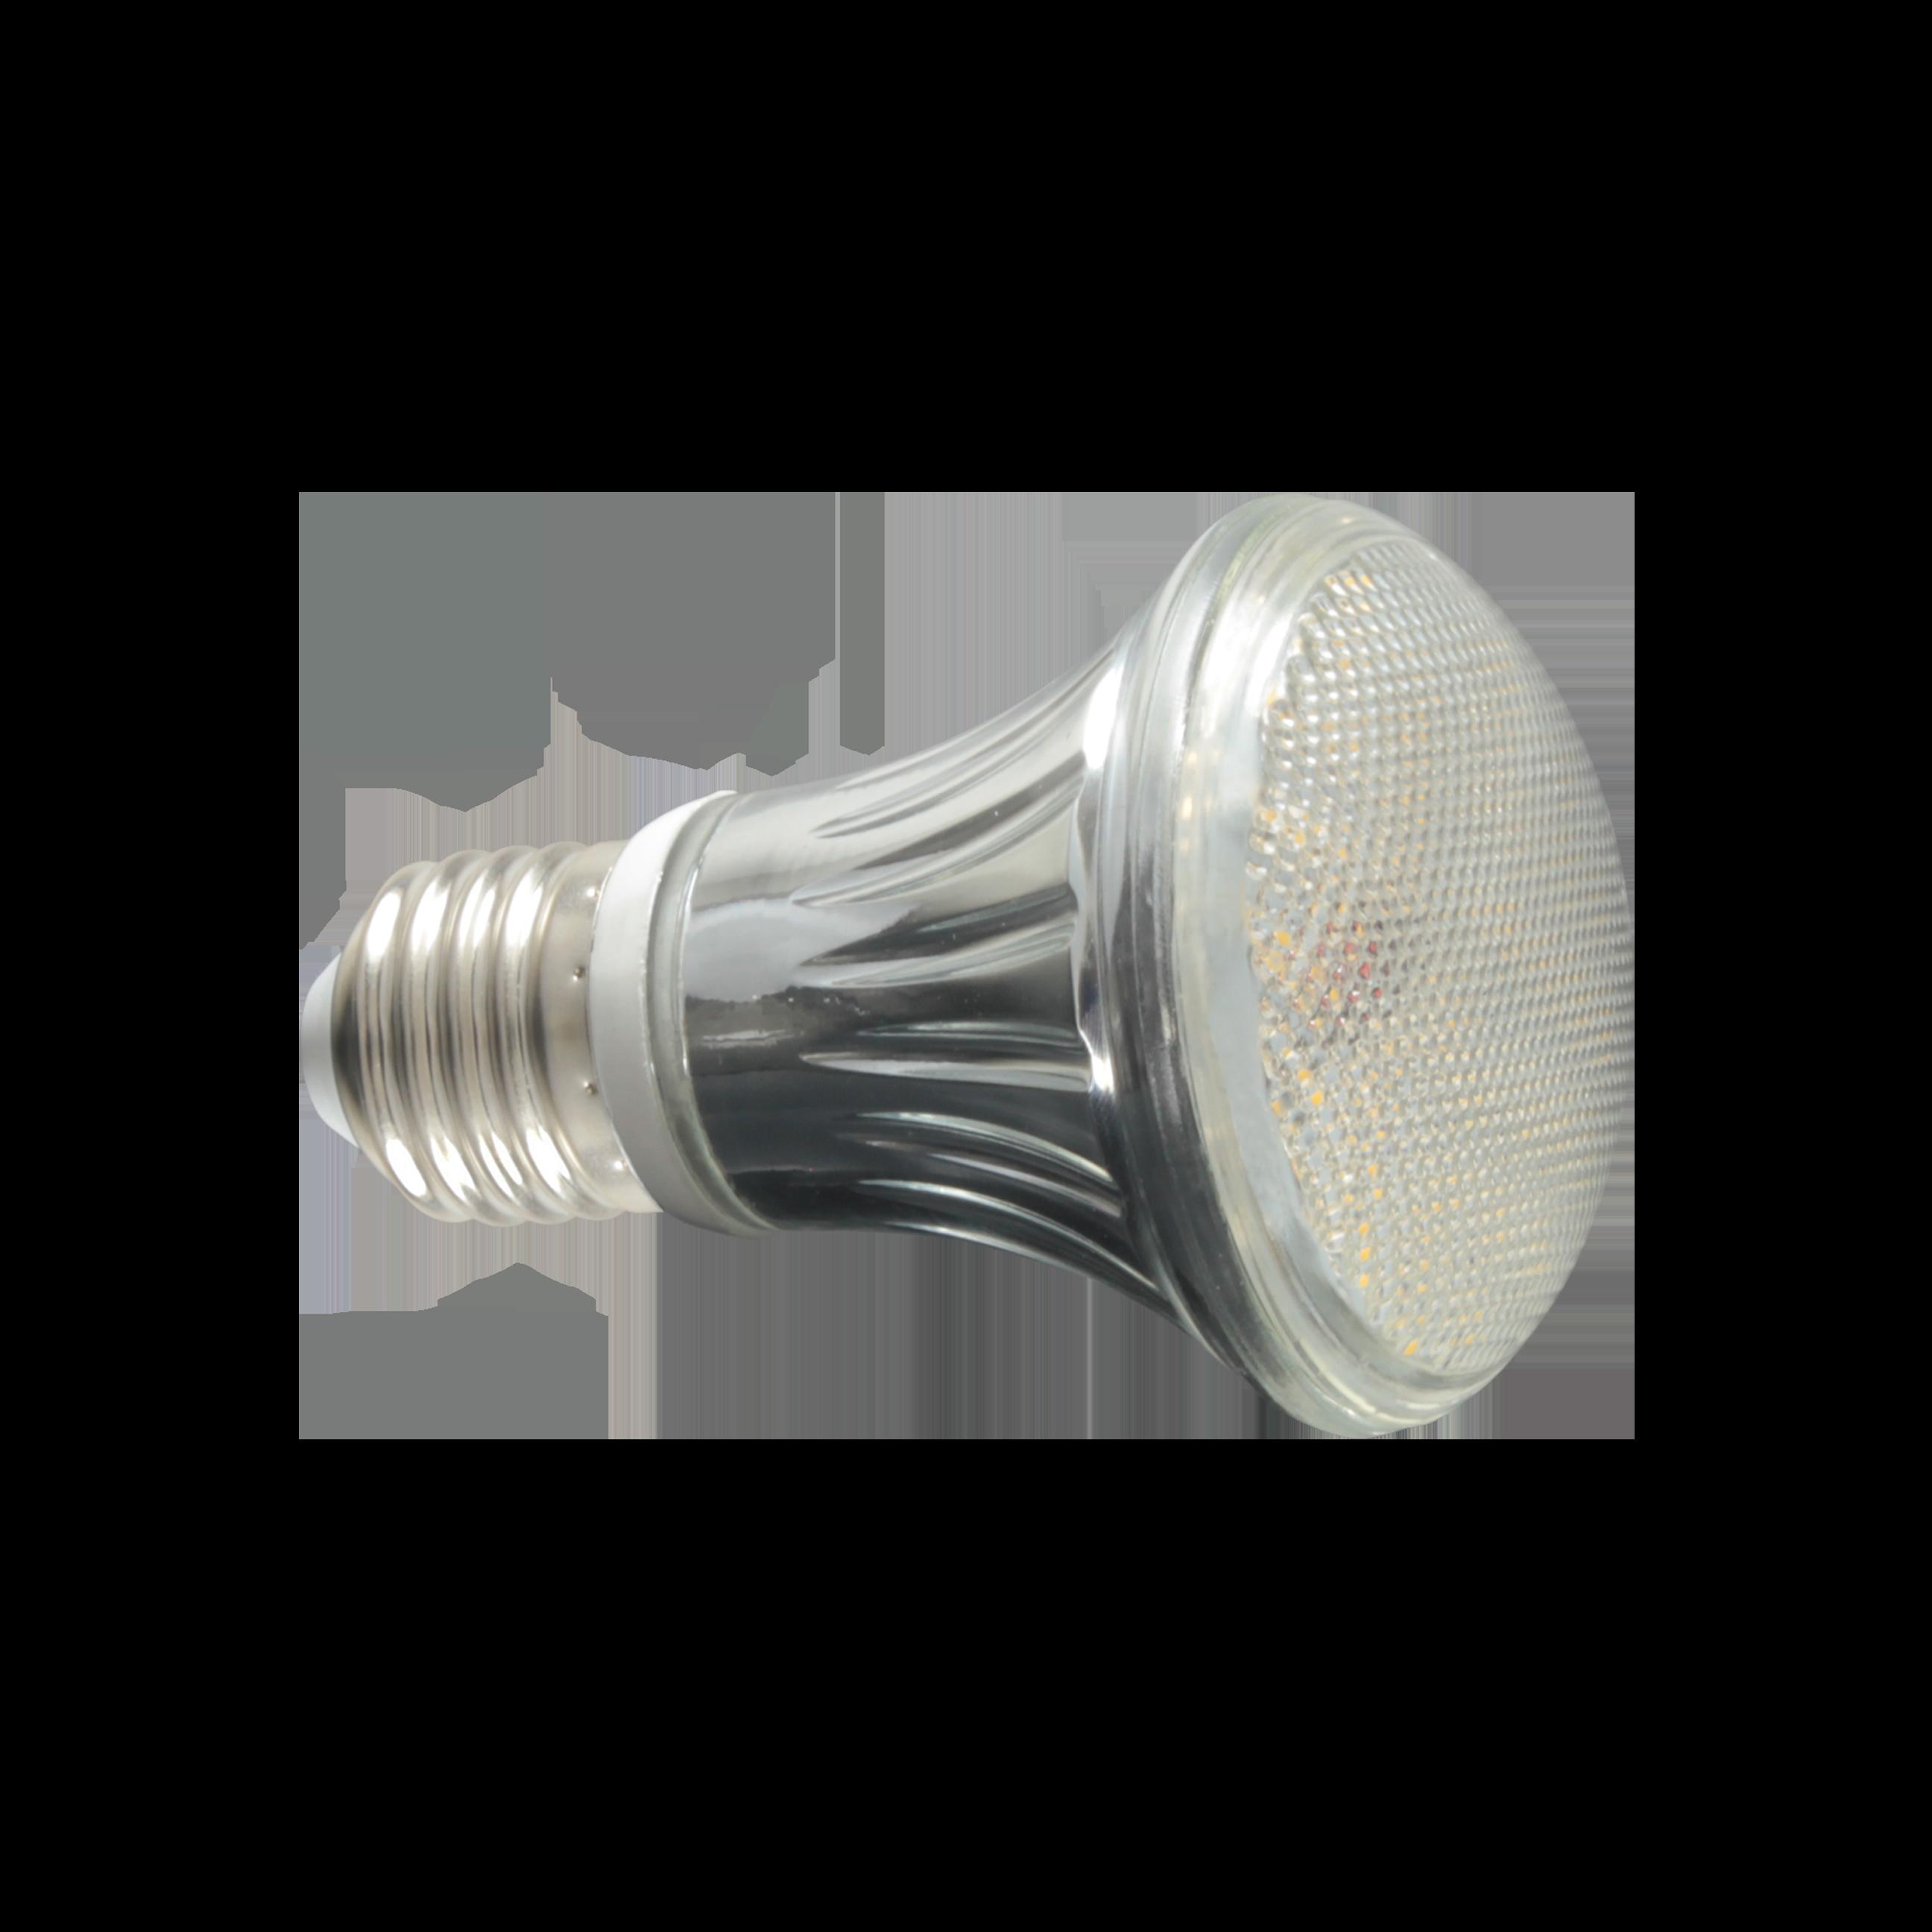 28 Led Lights 120v Led Rope Light 9ft 110v 120v 2